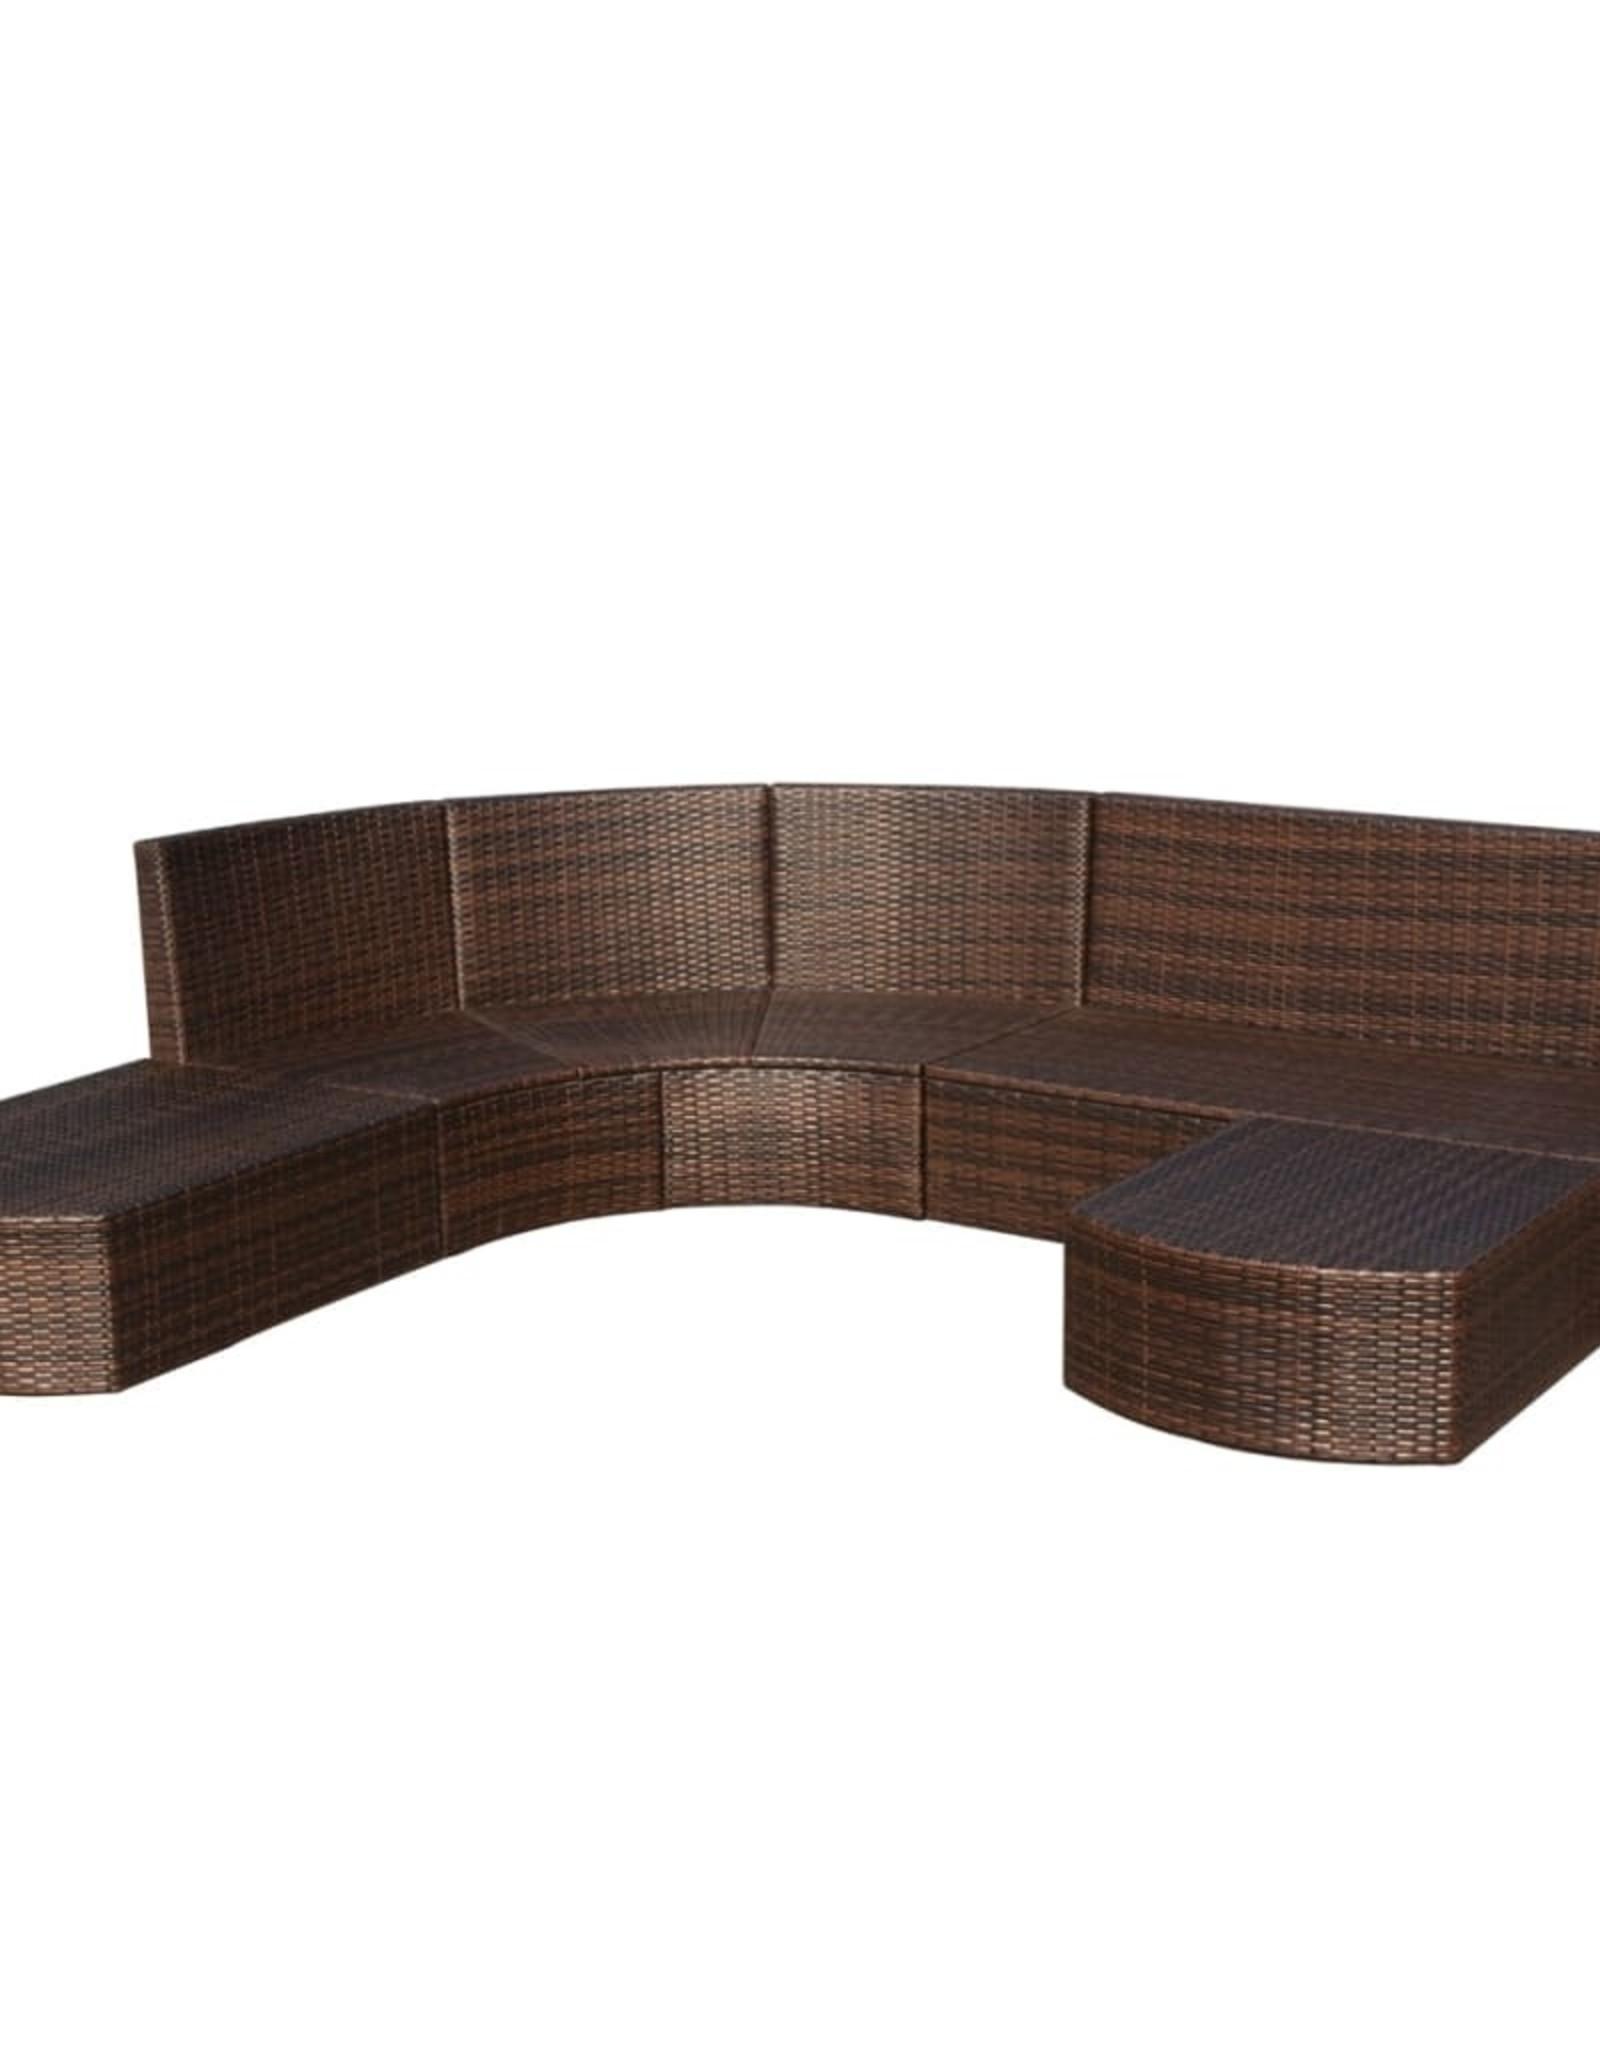 4-delige Loungeset met kussens poly rattan bruin